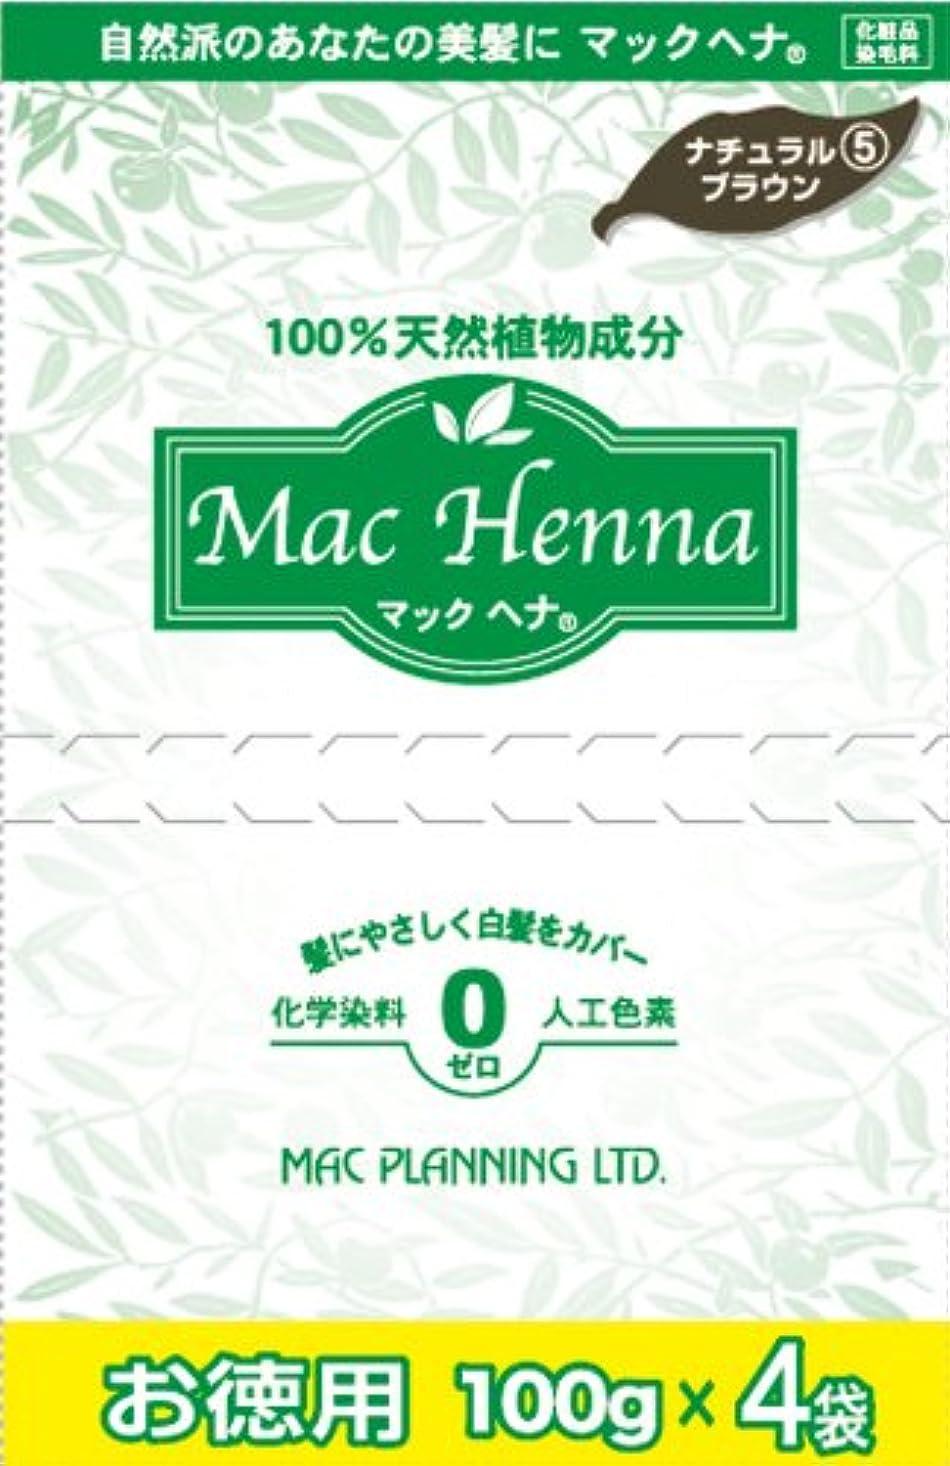 たっぷり存在するにやにや天然植物原料100% 無添加 マックヘナ お徳用(ナチュラルブラウン)-5  400g(100g×4袋)2箱セット